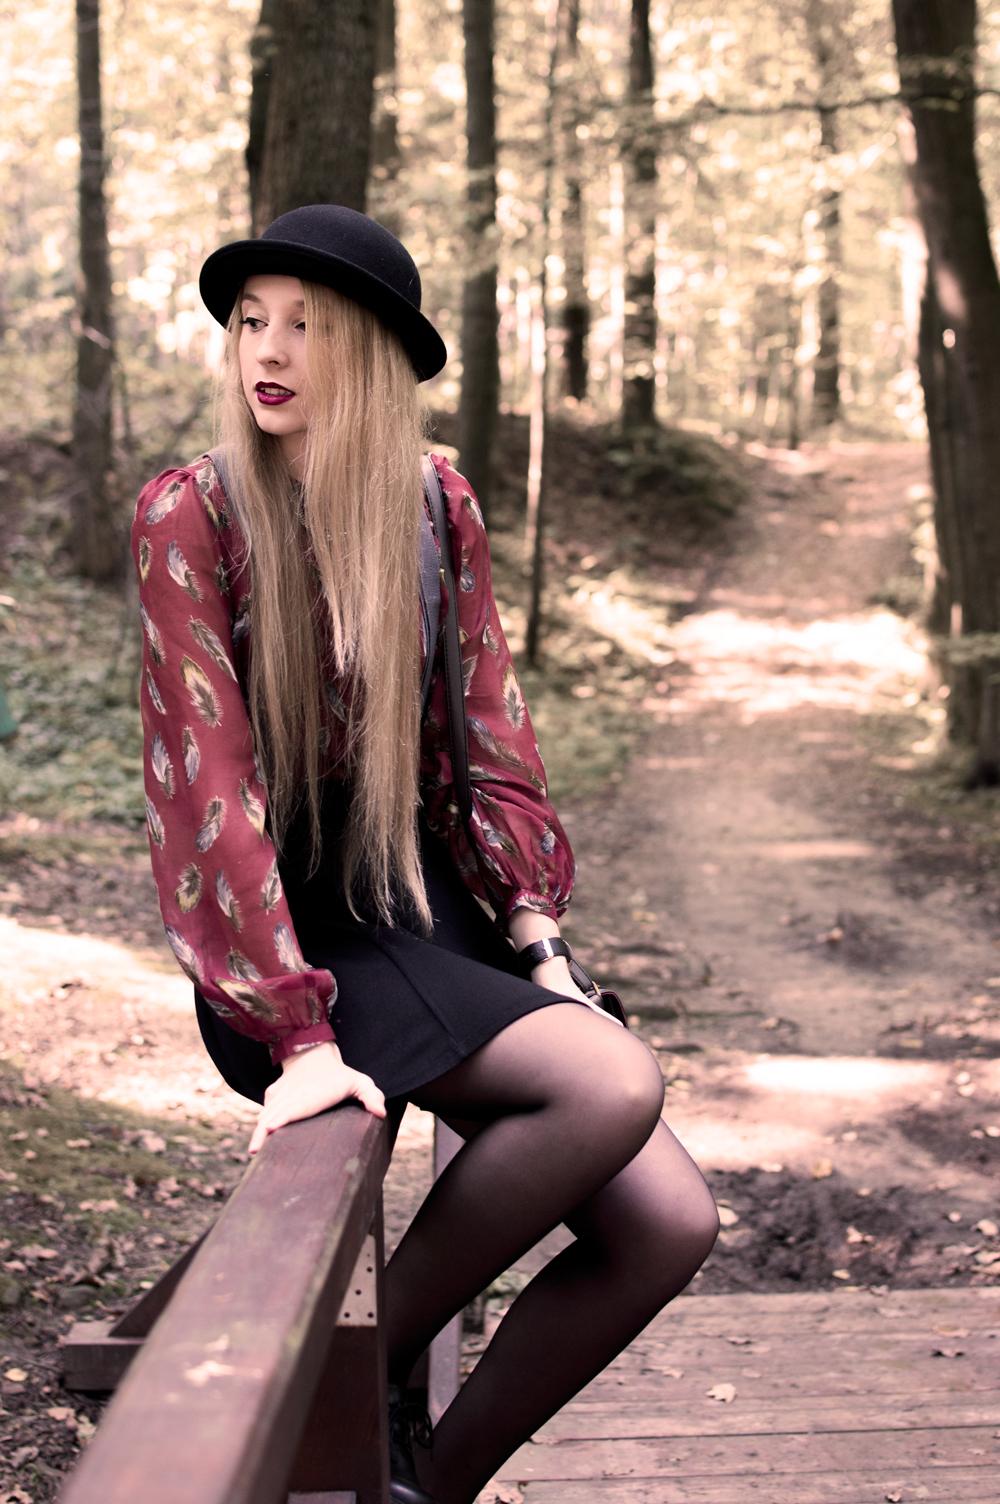 kapelusz na blogu modowym jesień 2014 czarne buty H&M melonik